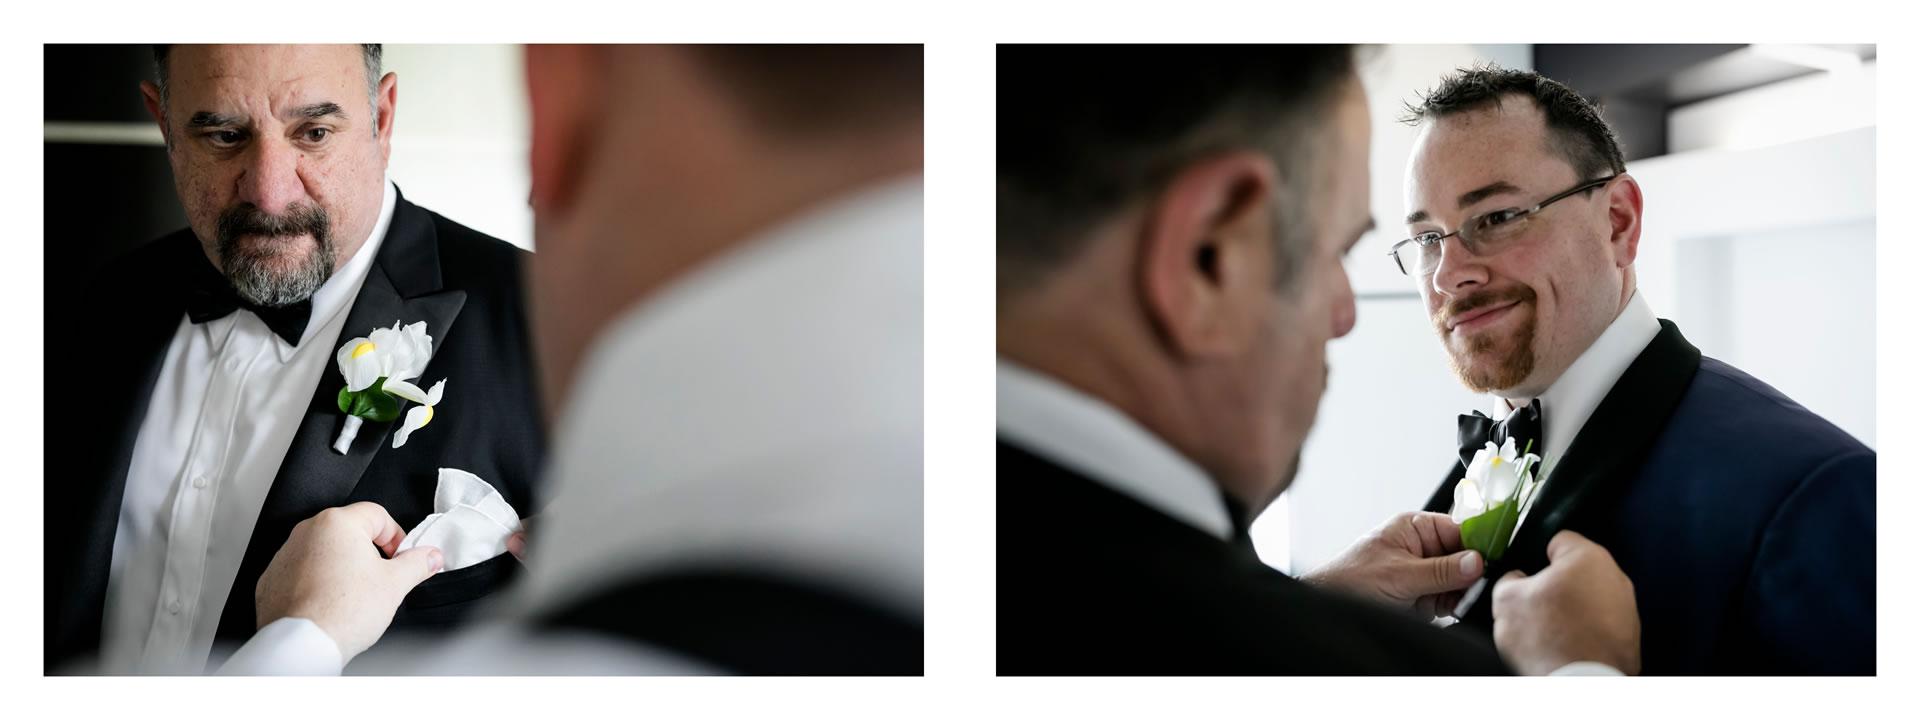 same-sex-love-in-portofino-david-bastianoni-photographer-00009 - 9 :: Wedding in Portofino // WPPI 2018 // The man that I love :: Luxury wedding photography - 8 :: same-sex-love-in-portofino-david-bastianoni-photographer-00009 - 9